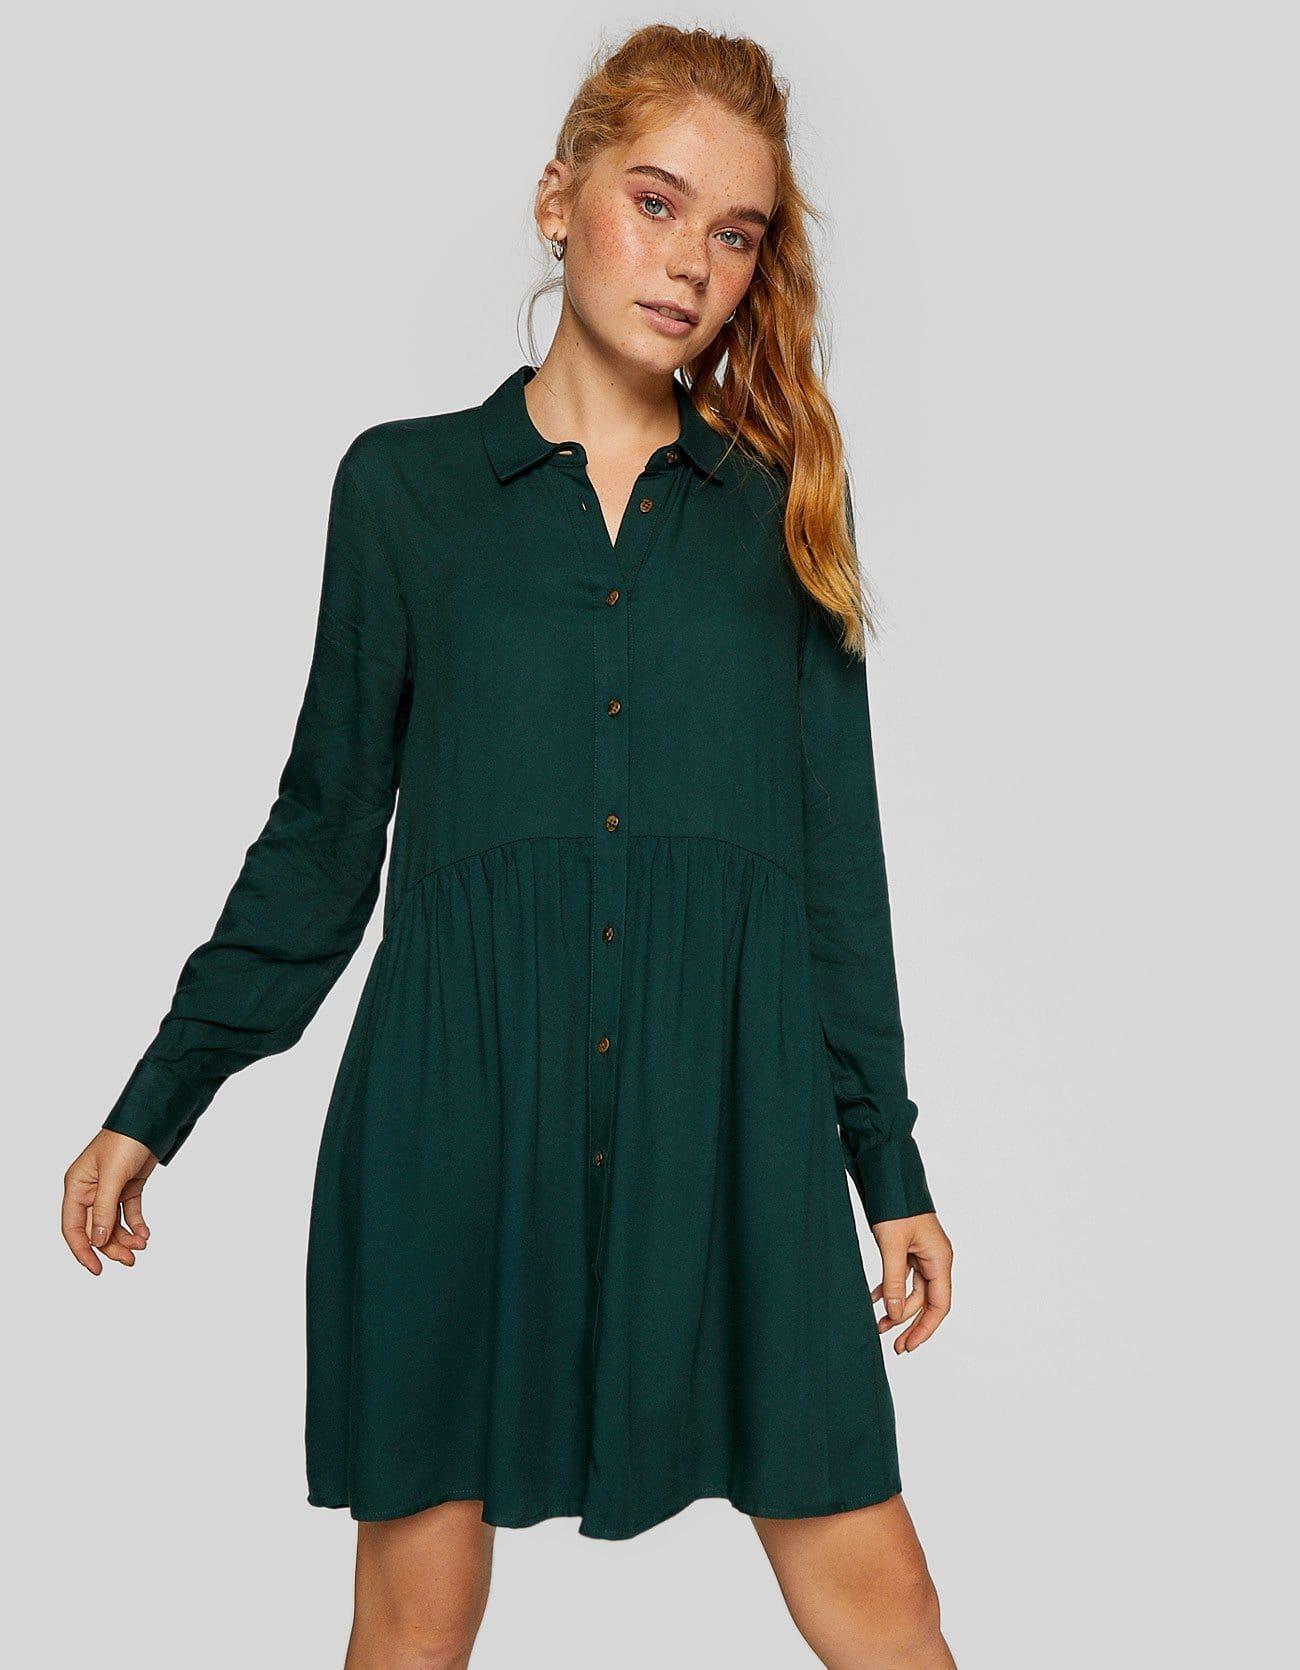 Shirt dress - Dresses  22145b0f9fe